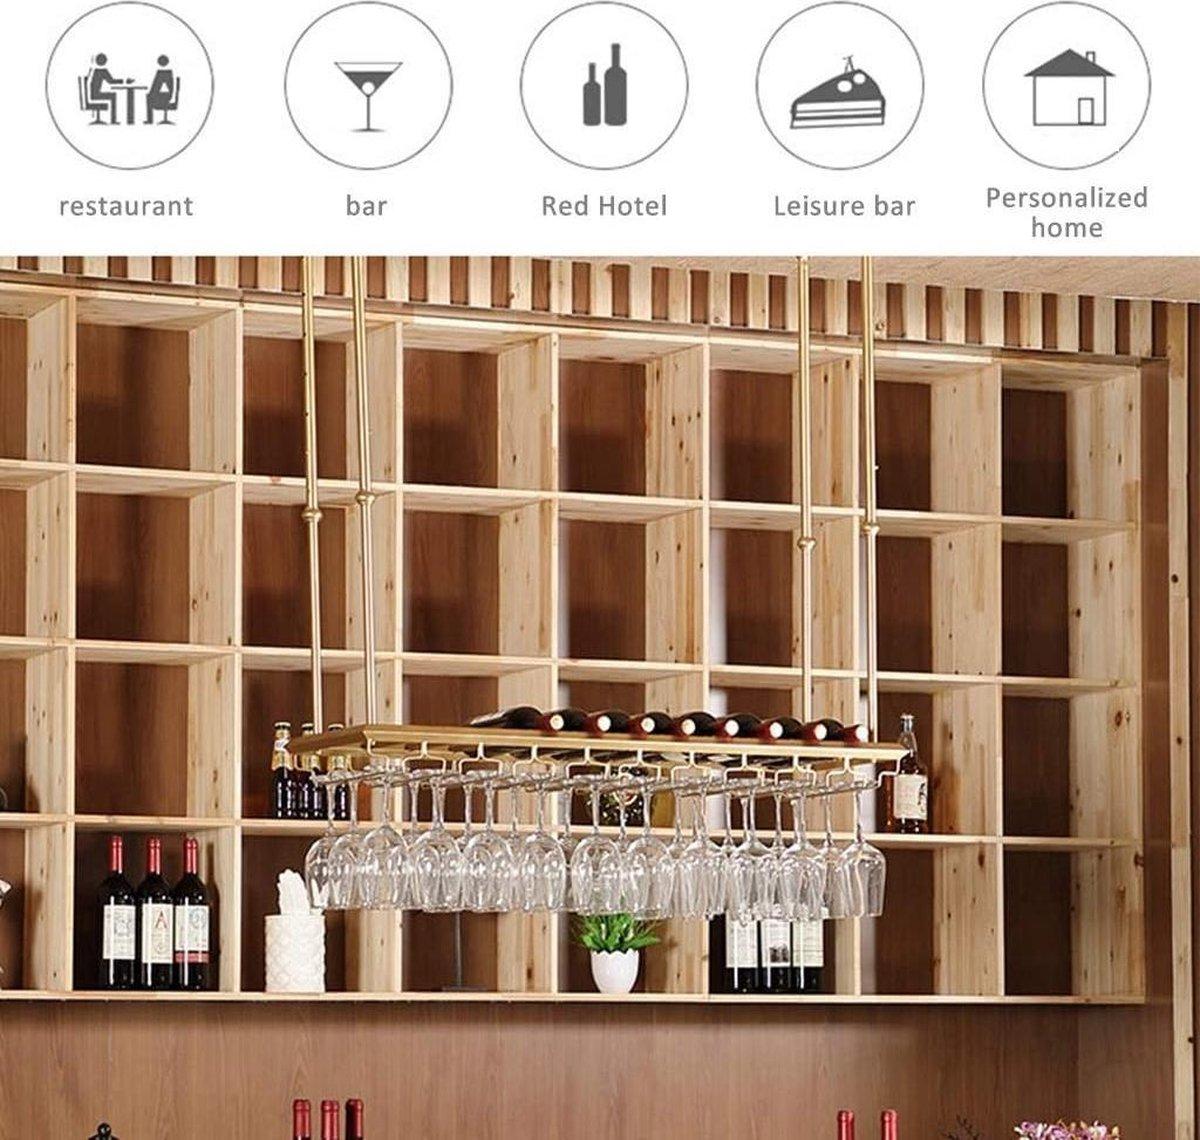 GMIN Metalen Wijnrek Plafonddecoratie Plank Wijnfles Display Rack voor Keuken Eetkamer Wijnkelder Bar A+++ (Kleur: Bruin, Maat: Lengte:120)